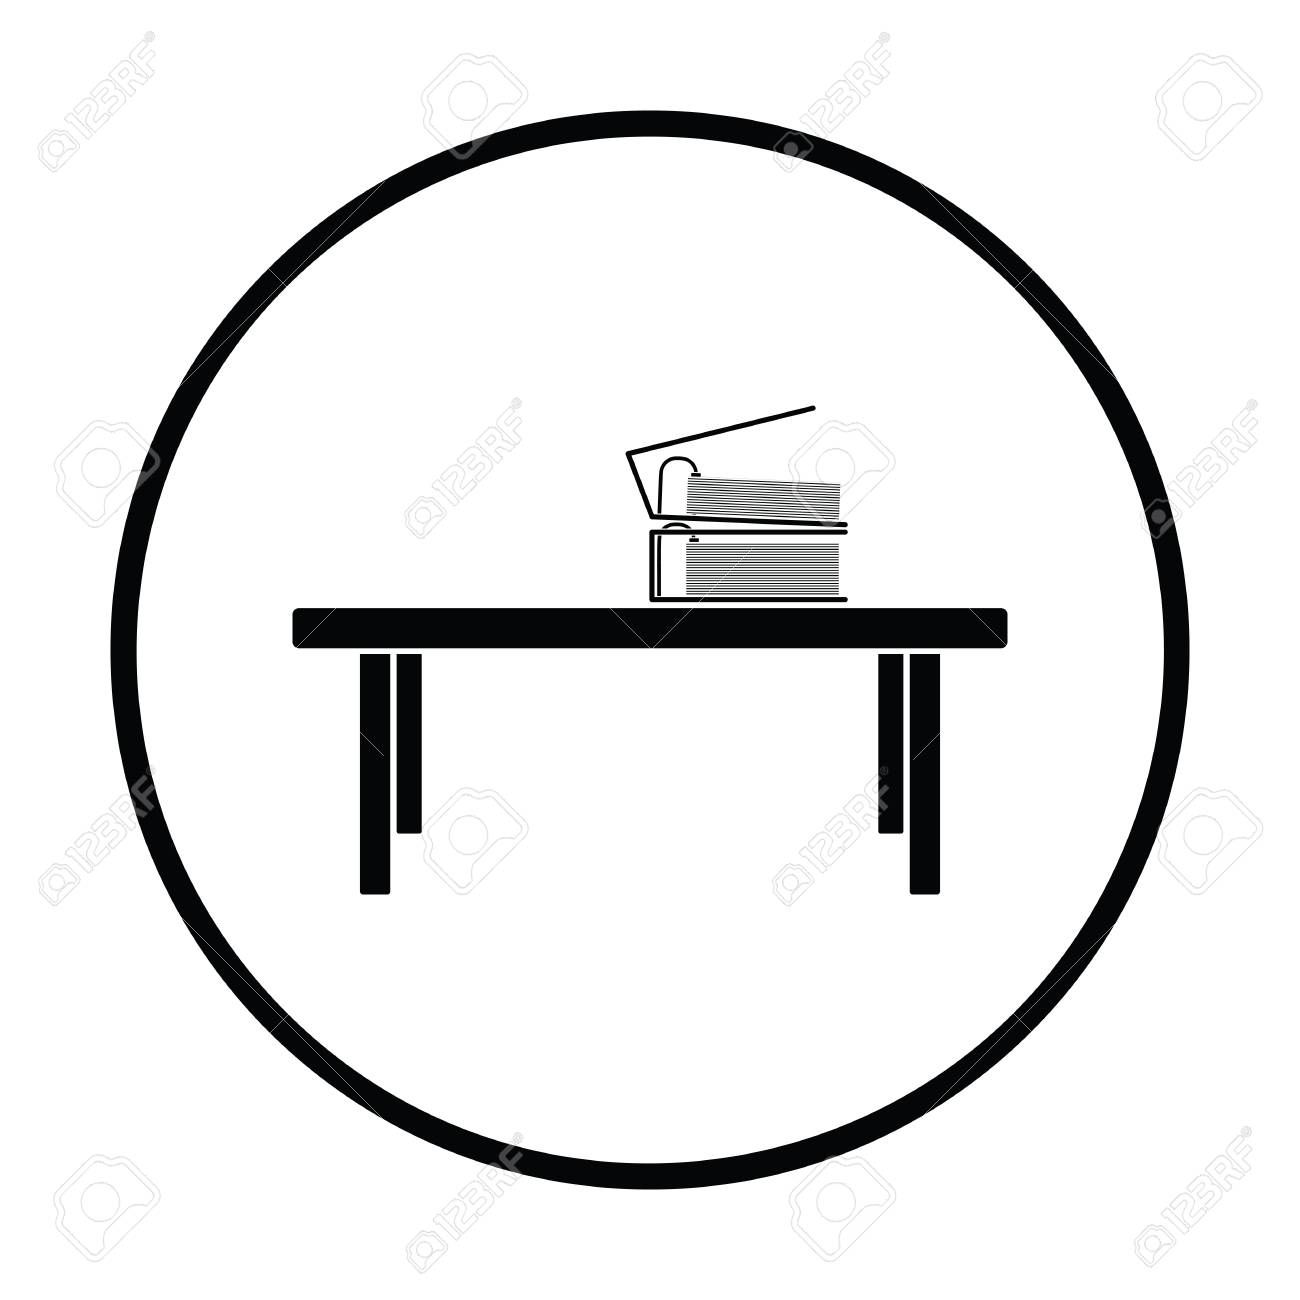 Icono De Mesa Baja De Oficina. Diseño De Círculo Fino. Ilustración ...